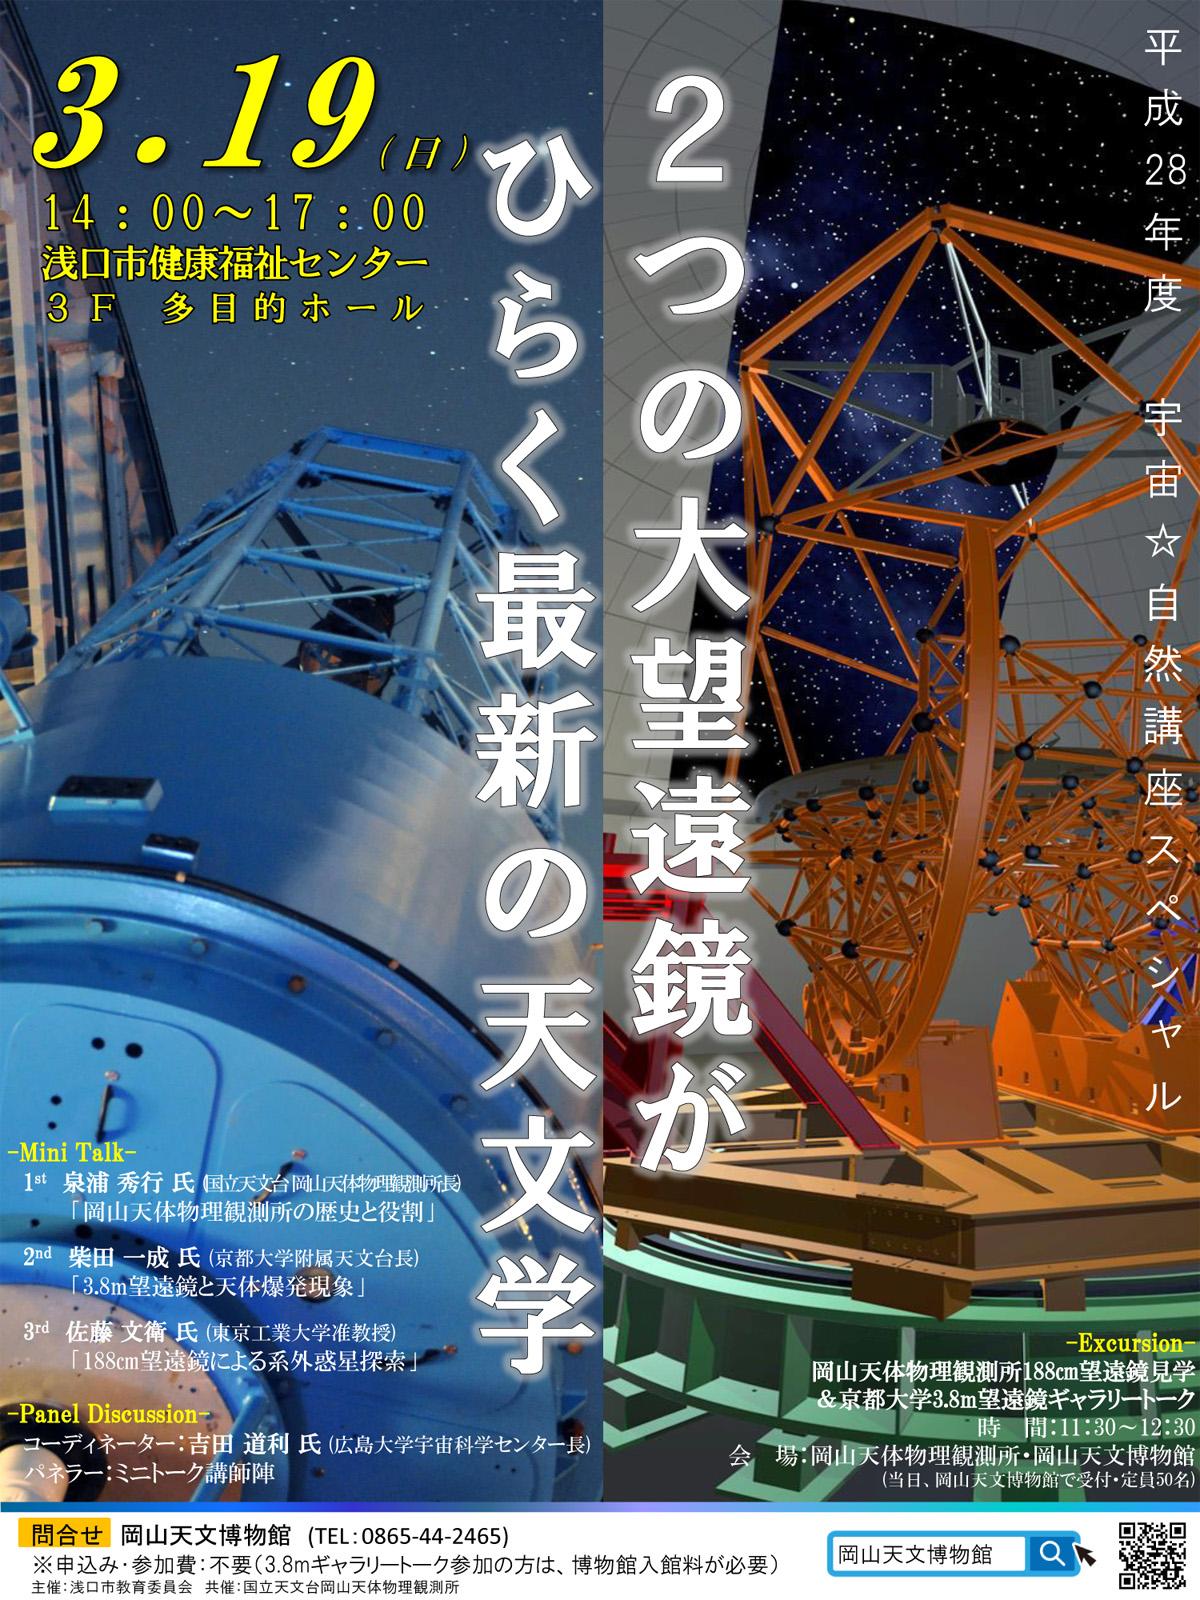 宇宙☆自然講座スペシャル「2つの大望遠鏡がひらく最新の天文学」ポスター